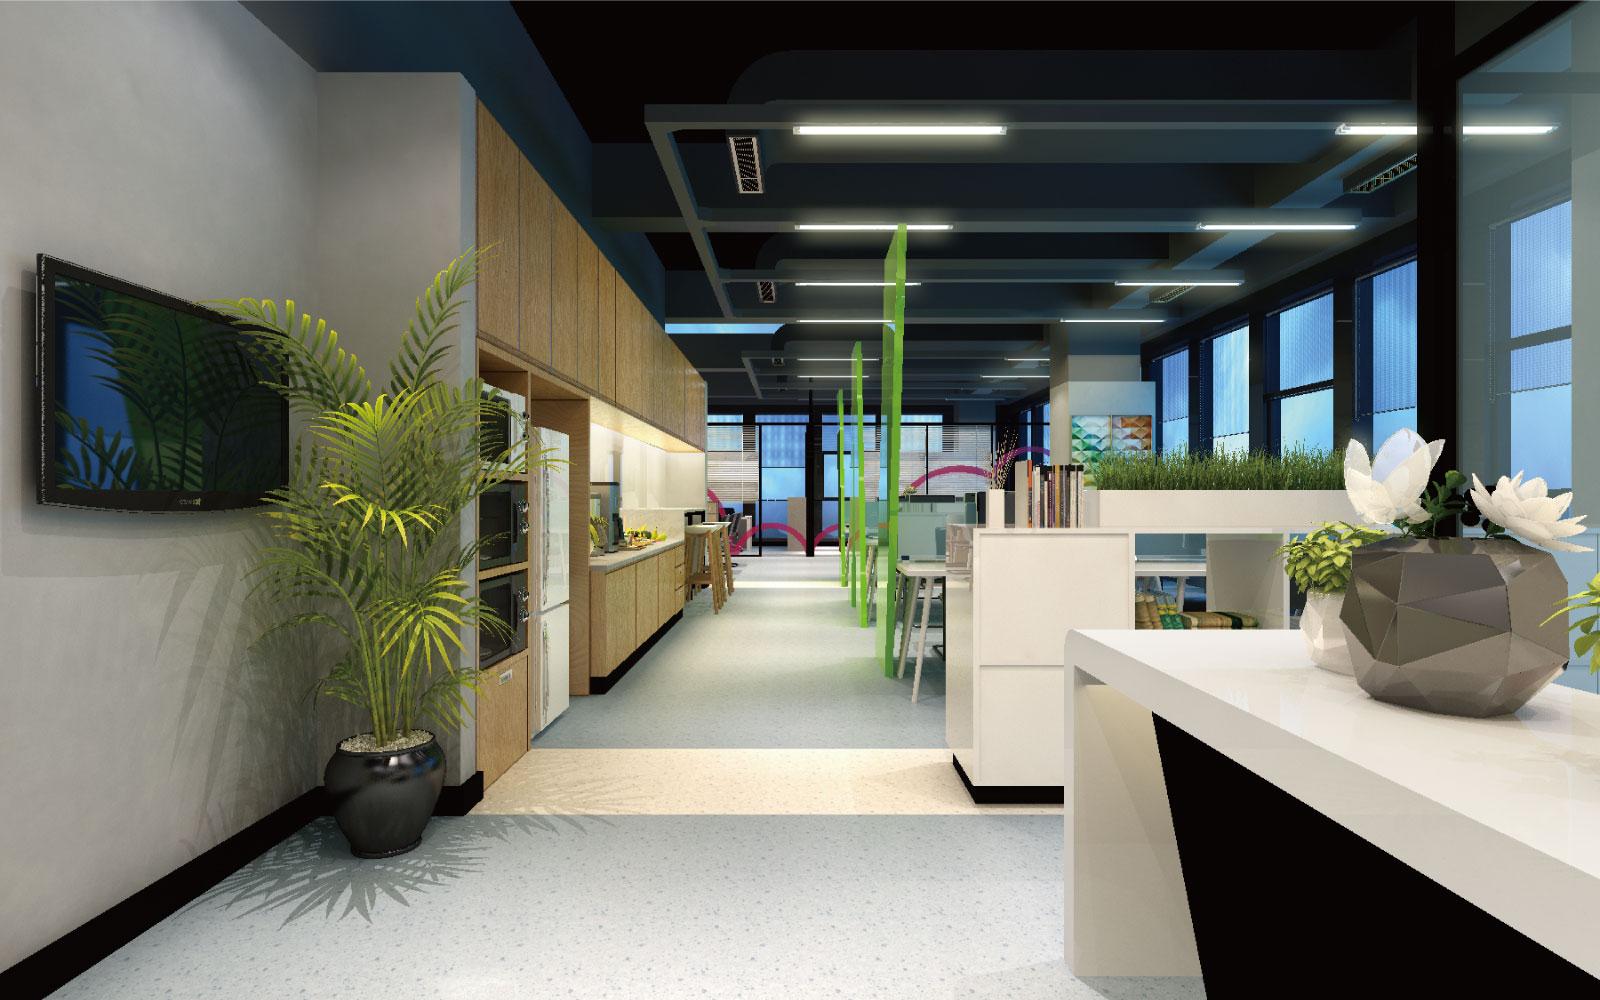 现代办公空间设计各功能区域的特点